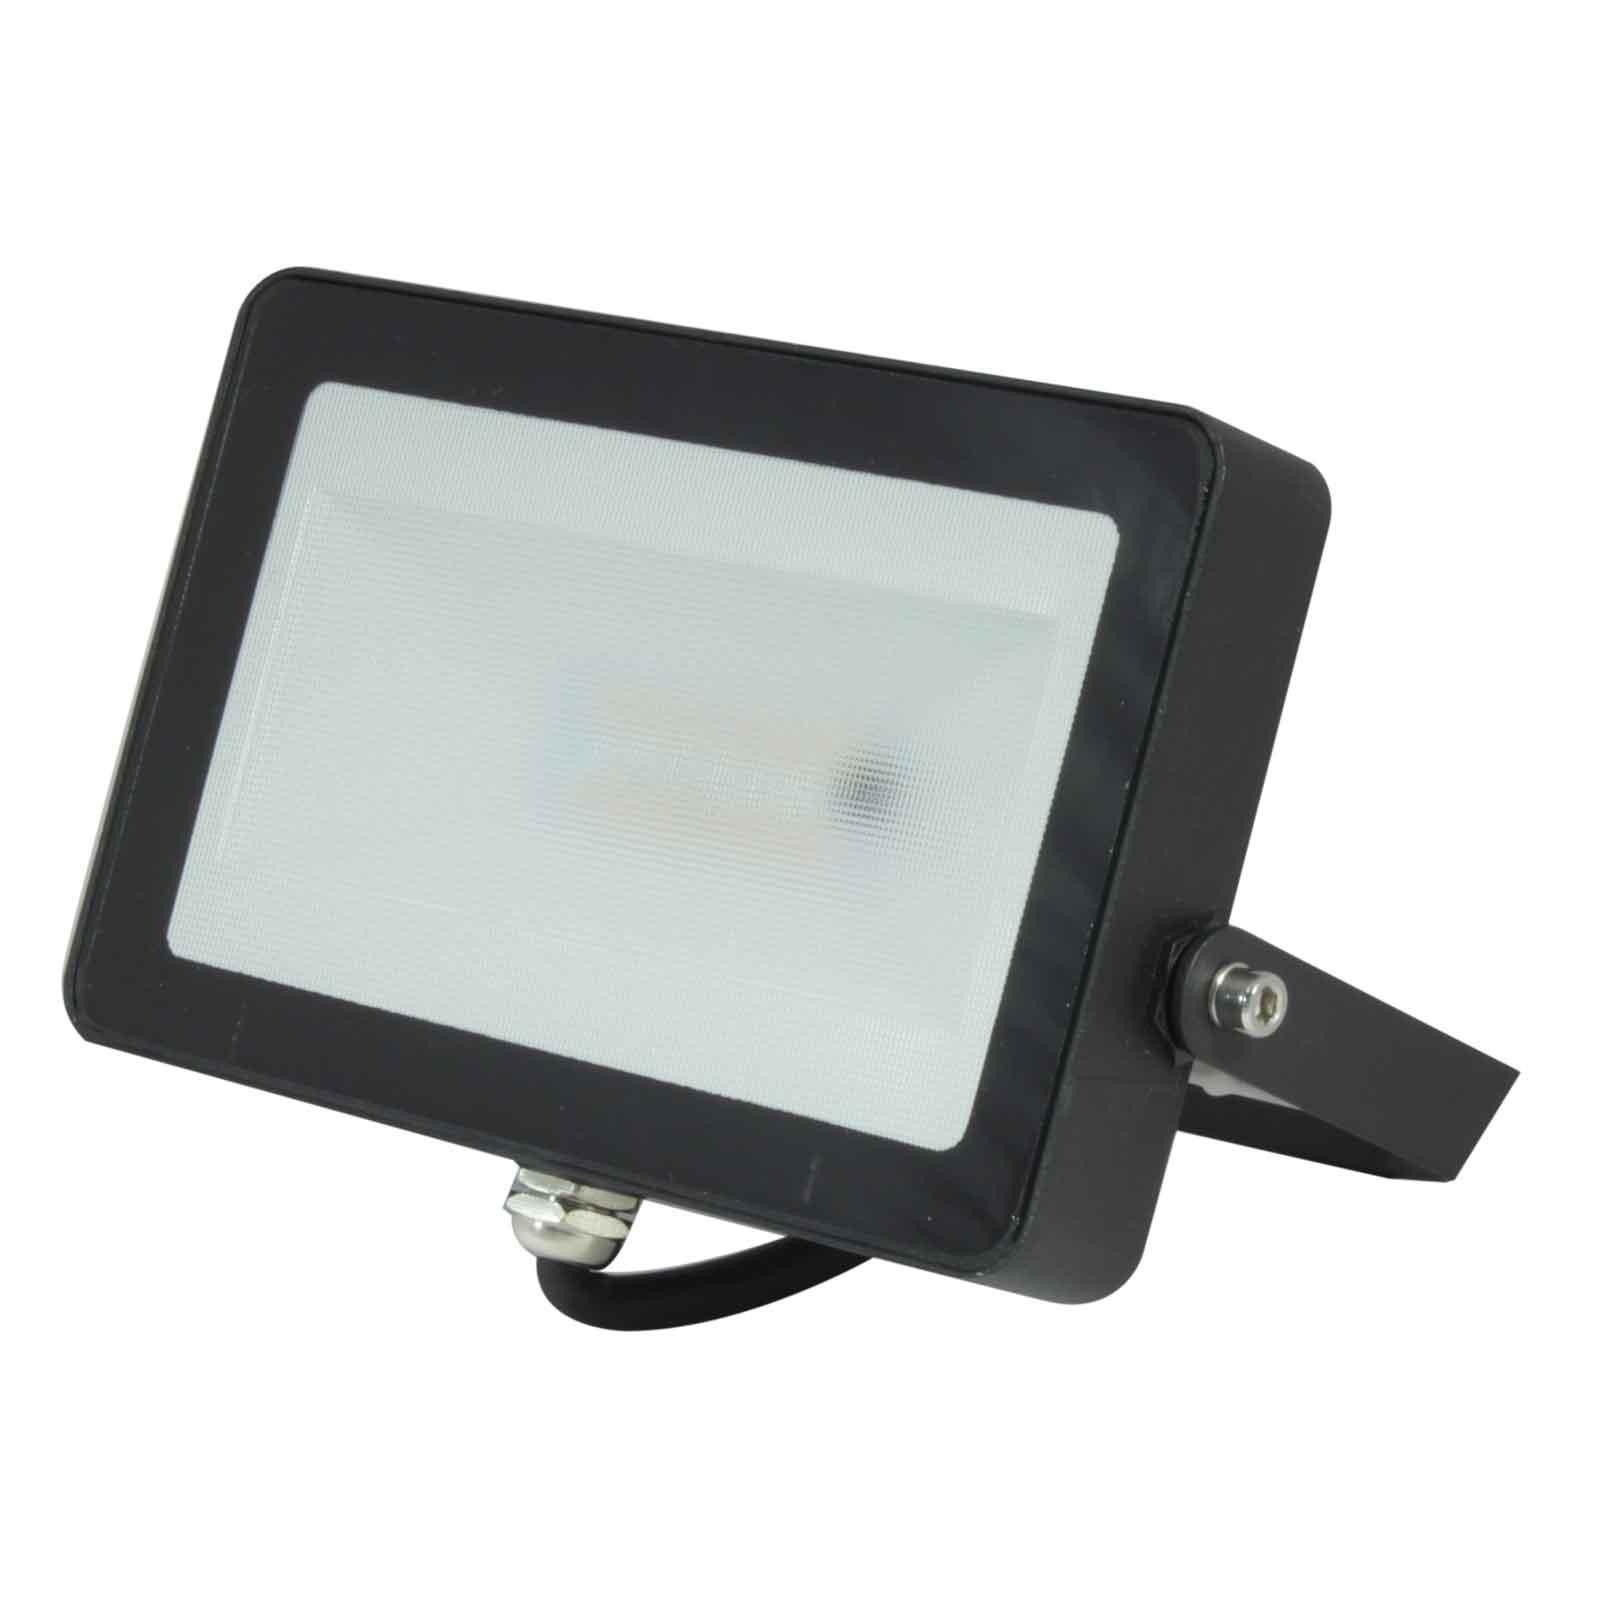 LED-kohdevalaisin ulos, MT69070, valkoinen + RGB